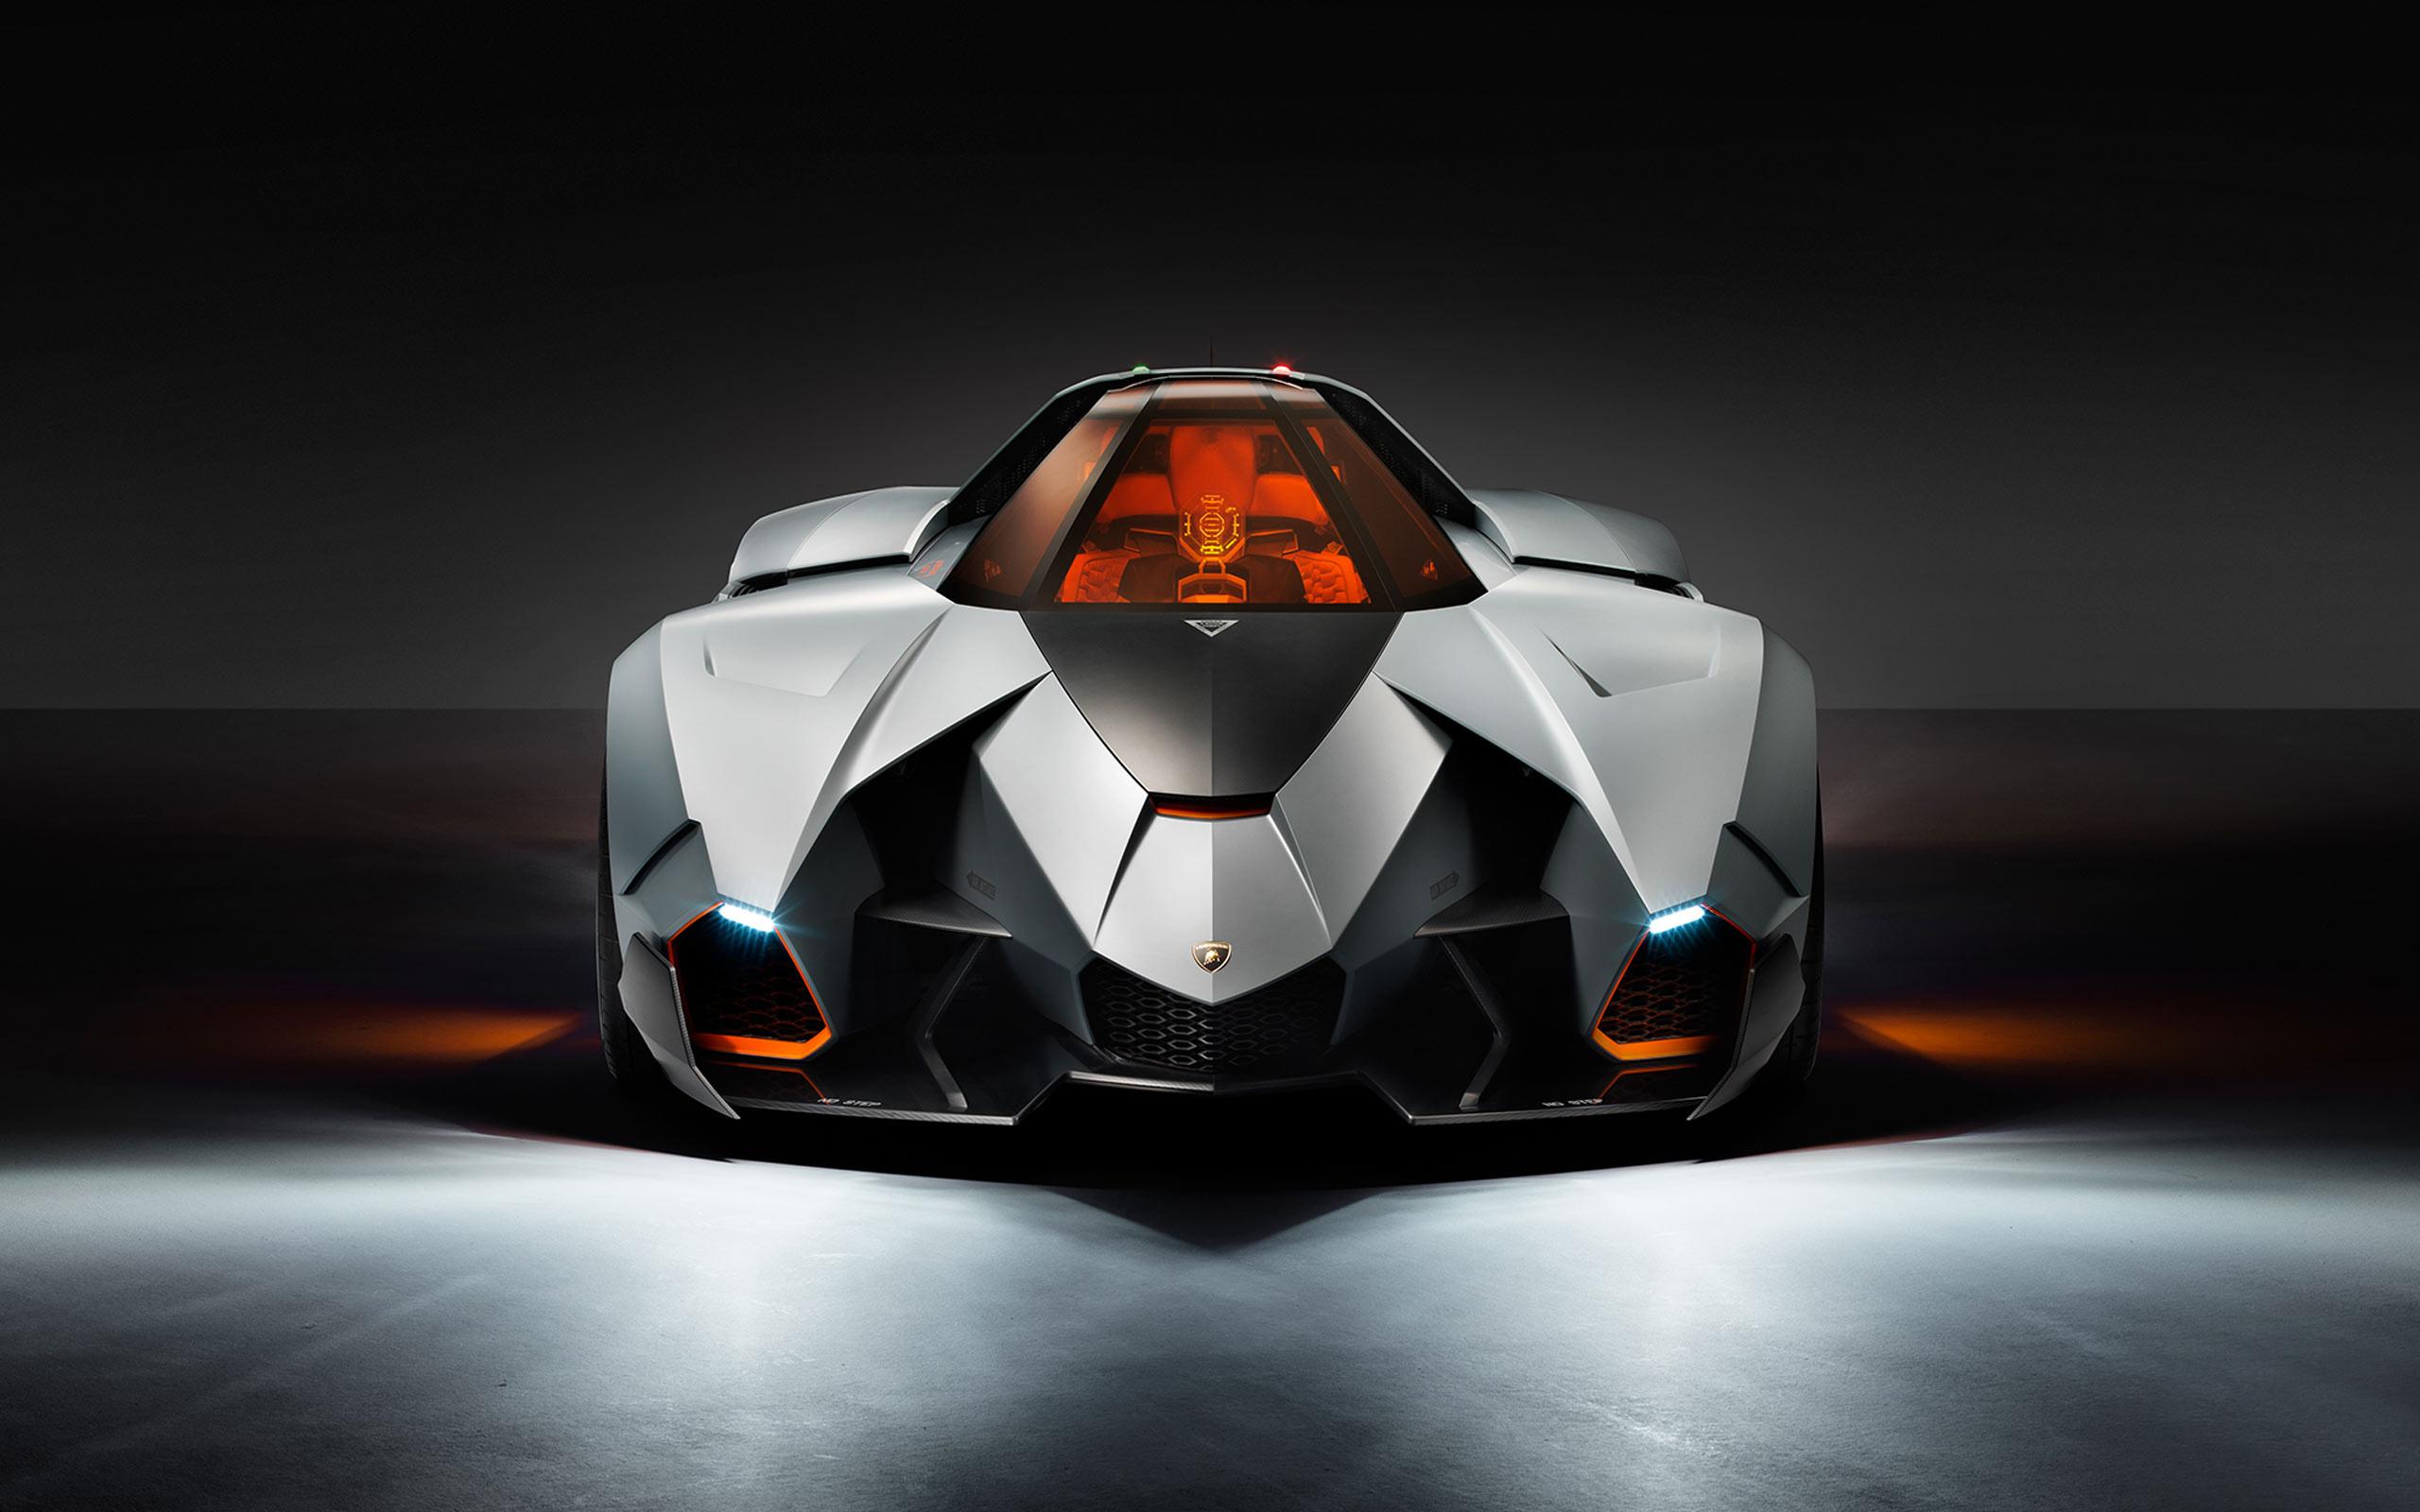 Lamborghini Egoista Concept 4 Wallpaper Hd Car Wallpapers Id 3417